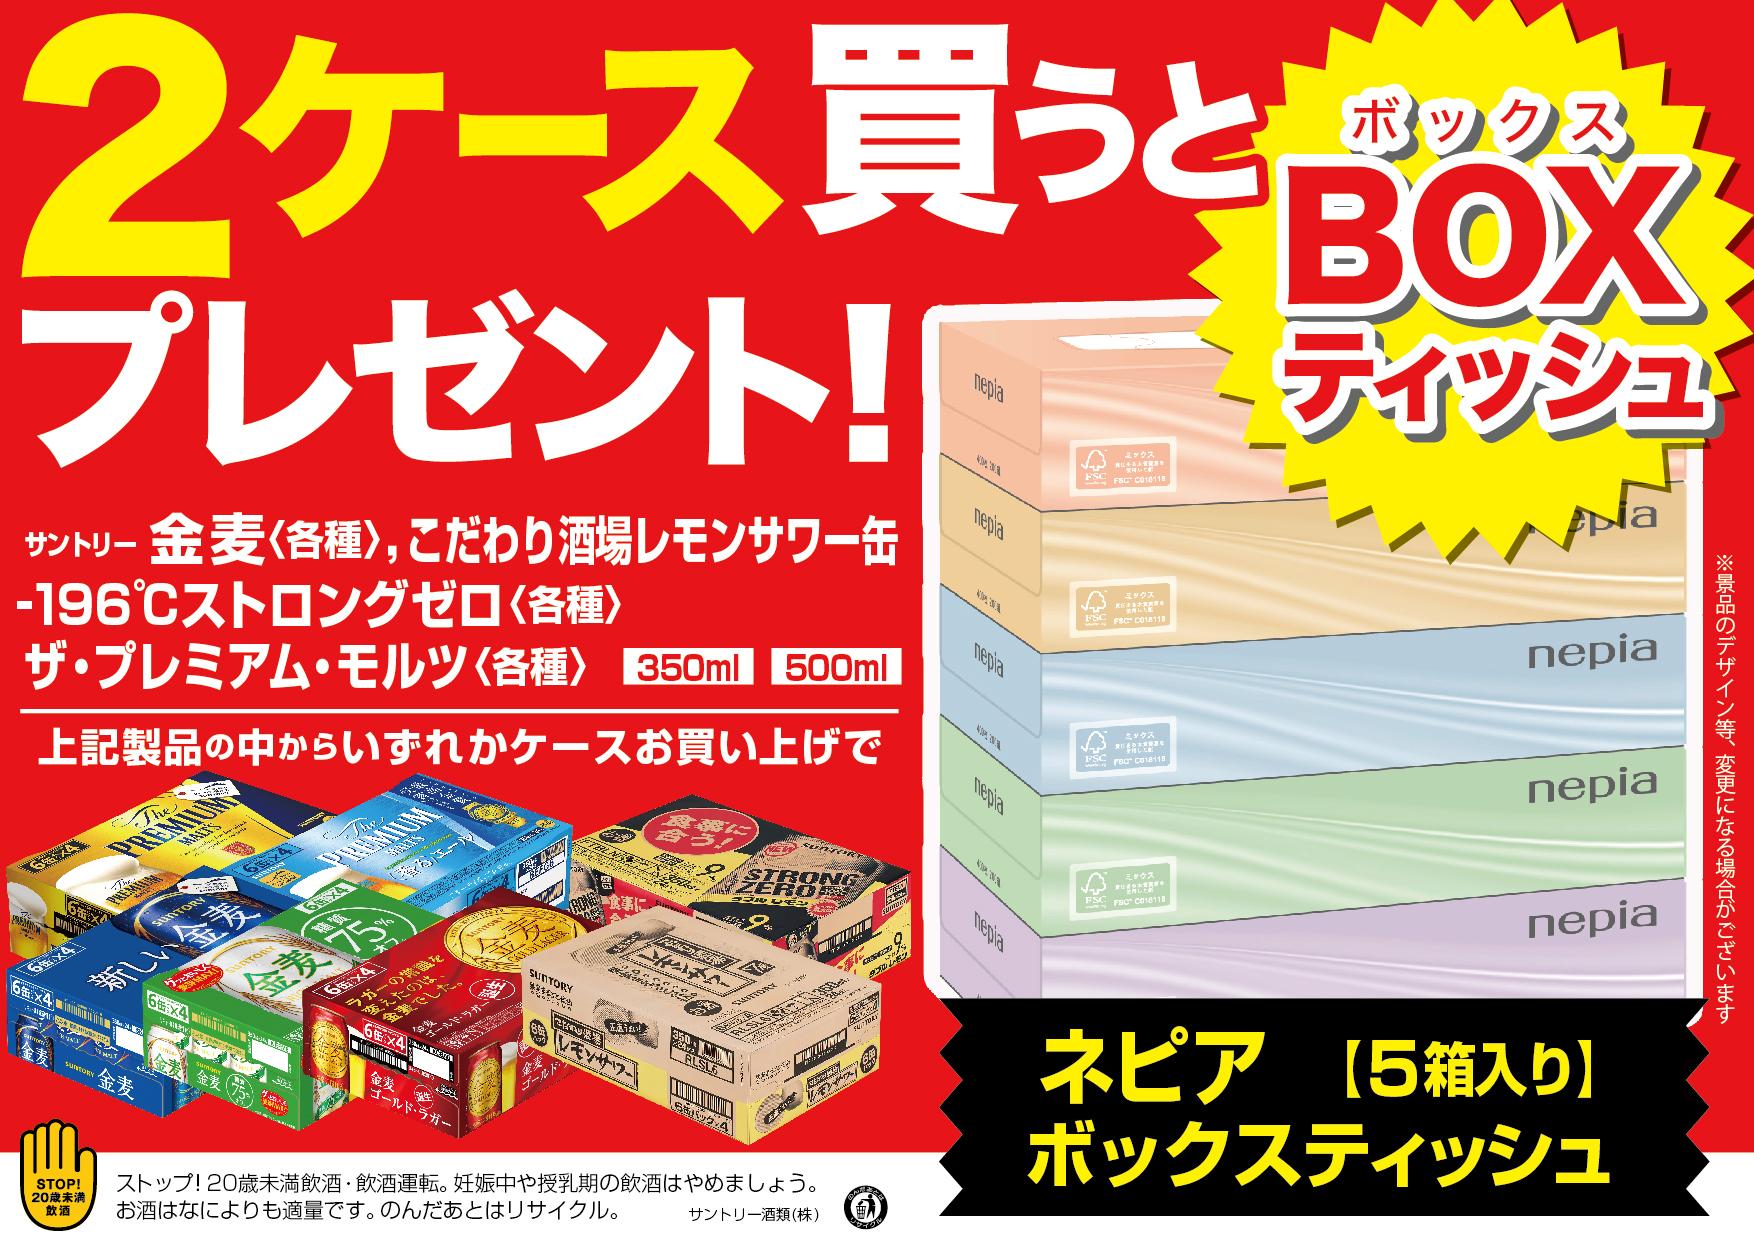 ネピアBOXティッシュ(5箱組)プレゼント